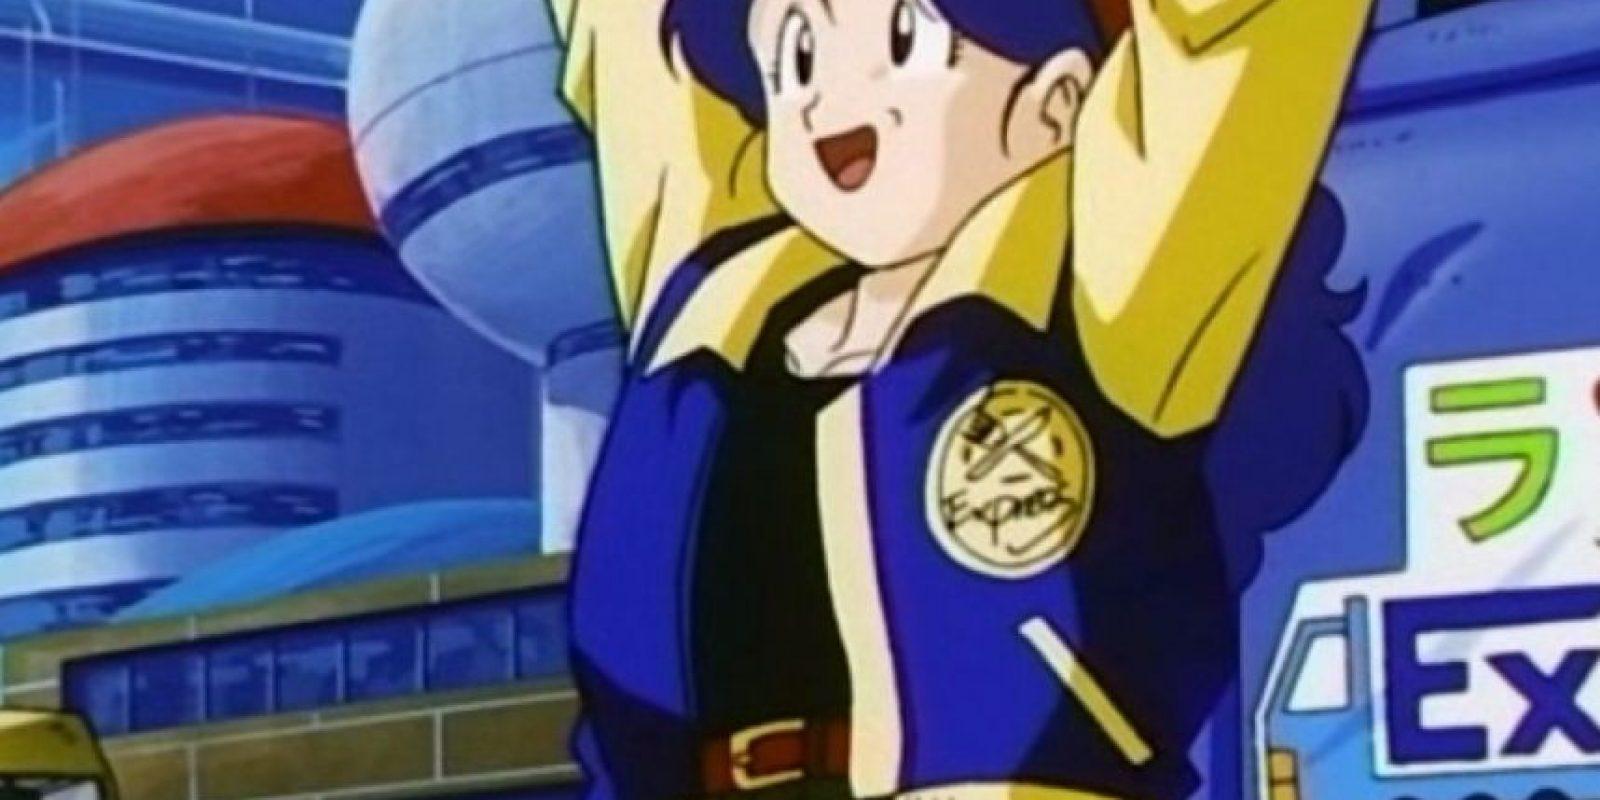 Launch era la mujer que ayudaba en casa del maestro Roshi. Cuando estornudaba se convertía en una ladrona agresiva. Aparece en la última temporada de Dragon Ball Z Foto:Toei